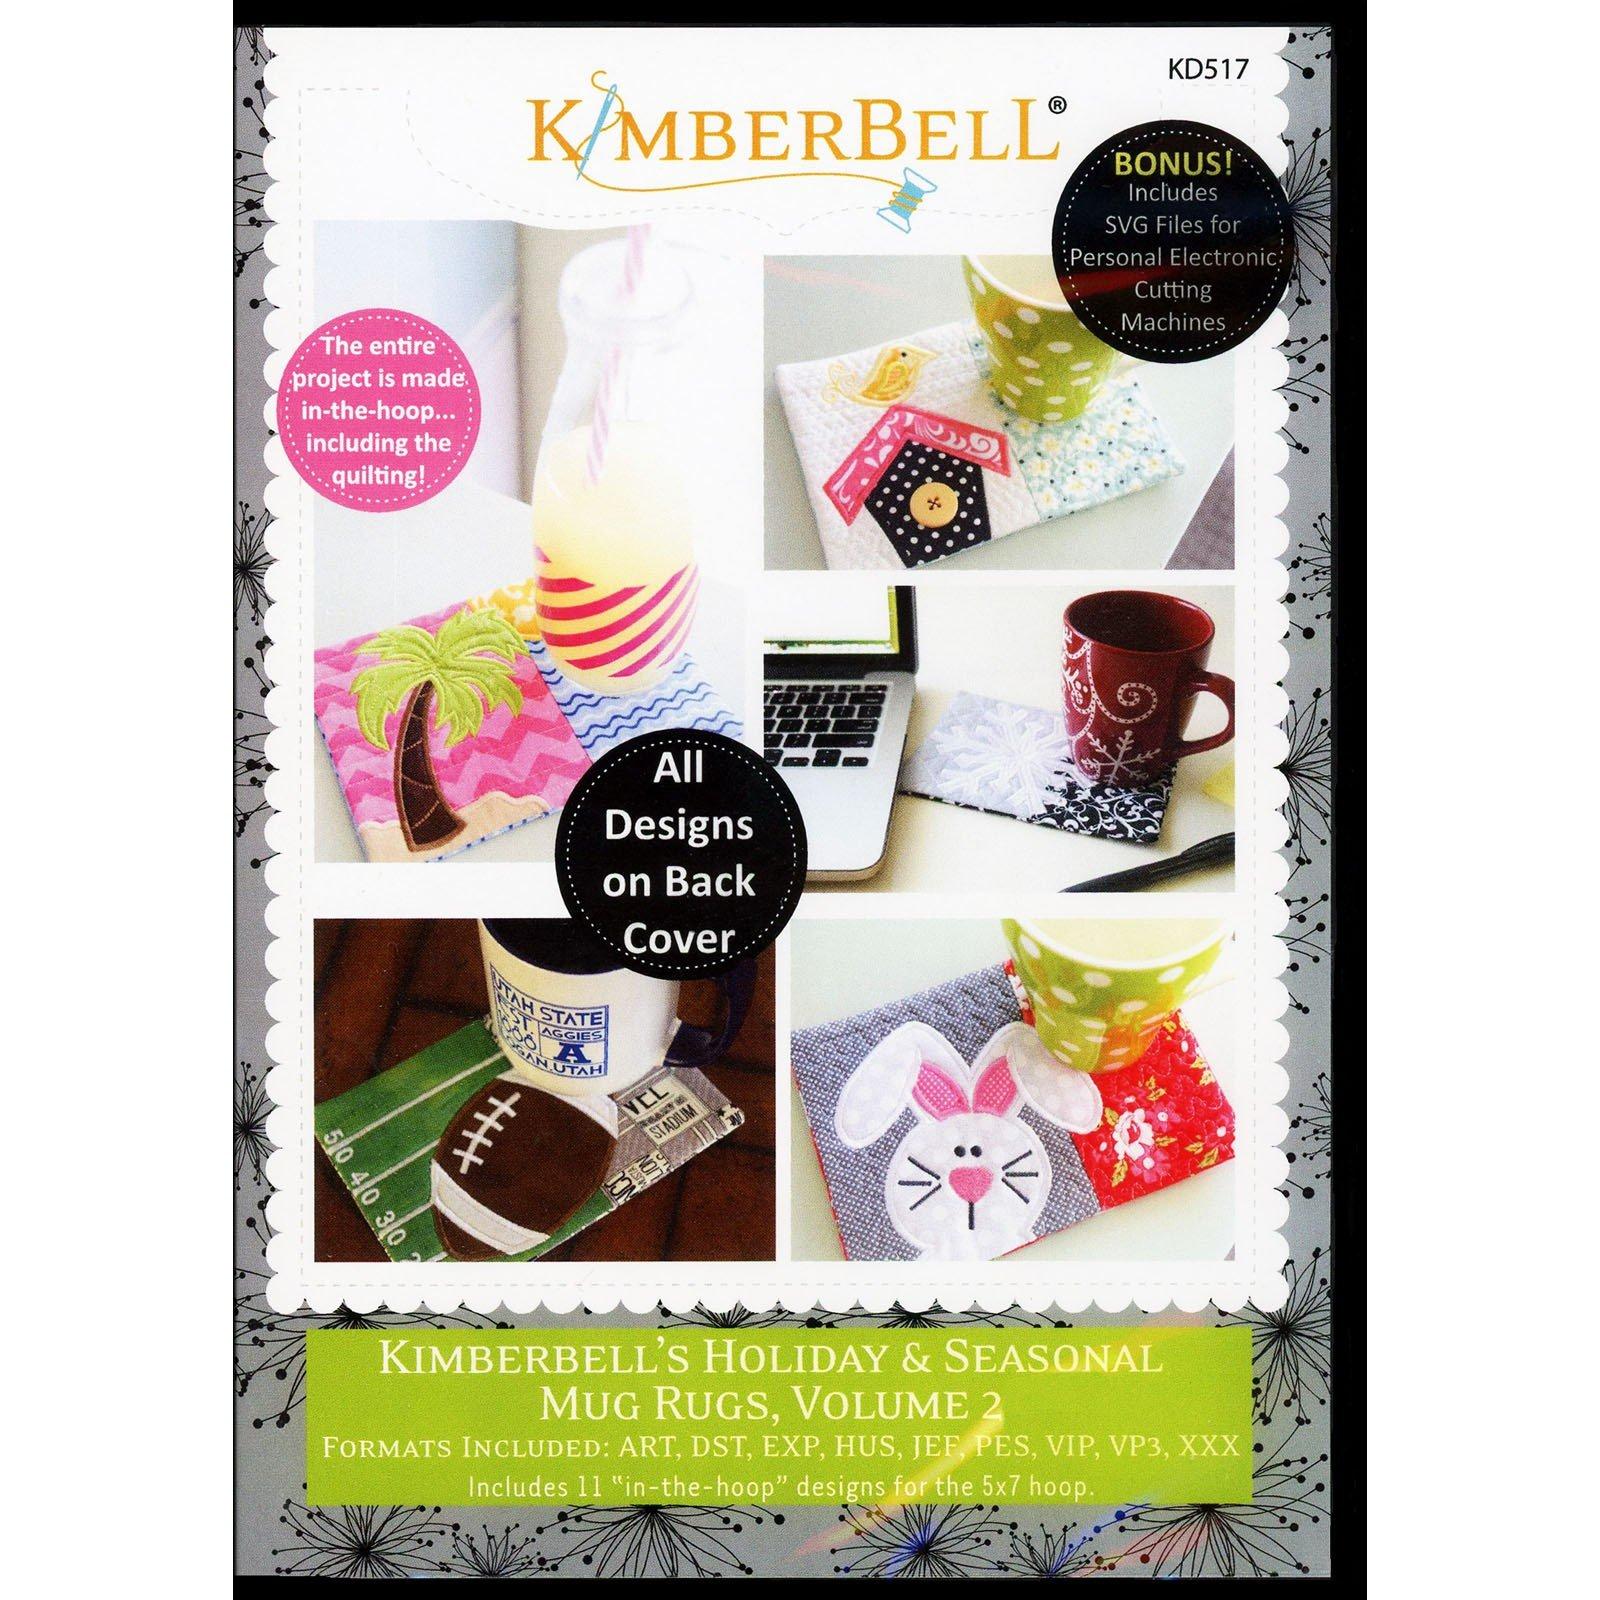 Holiday Mug Rugs Vol. 2 Kimberbell Embroidery CD